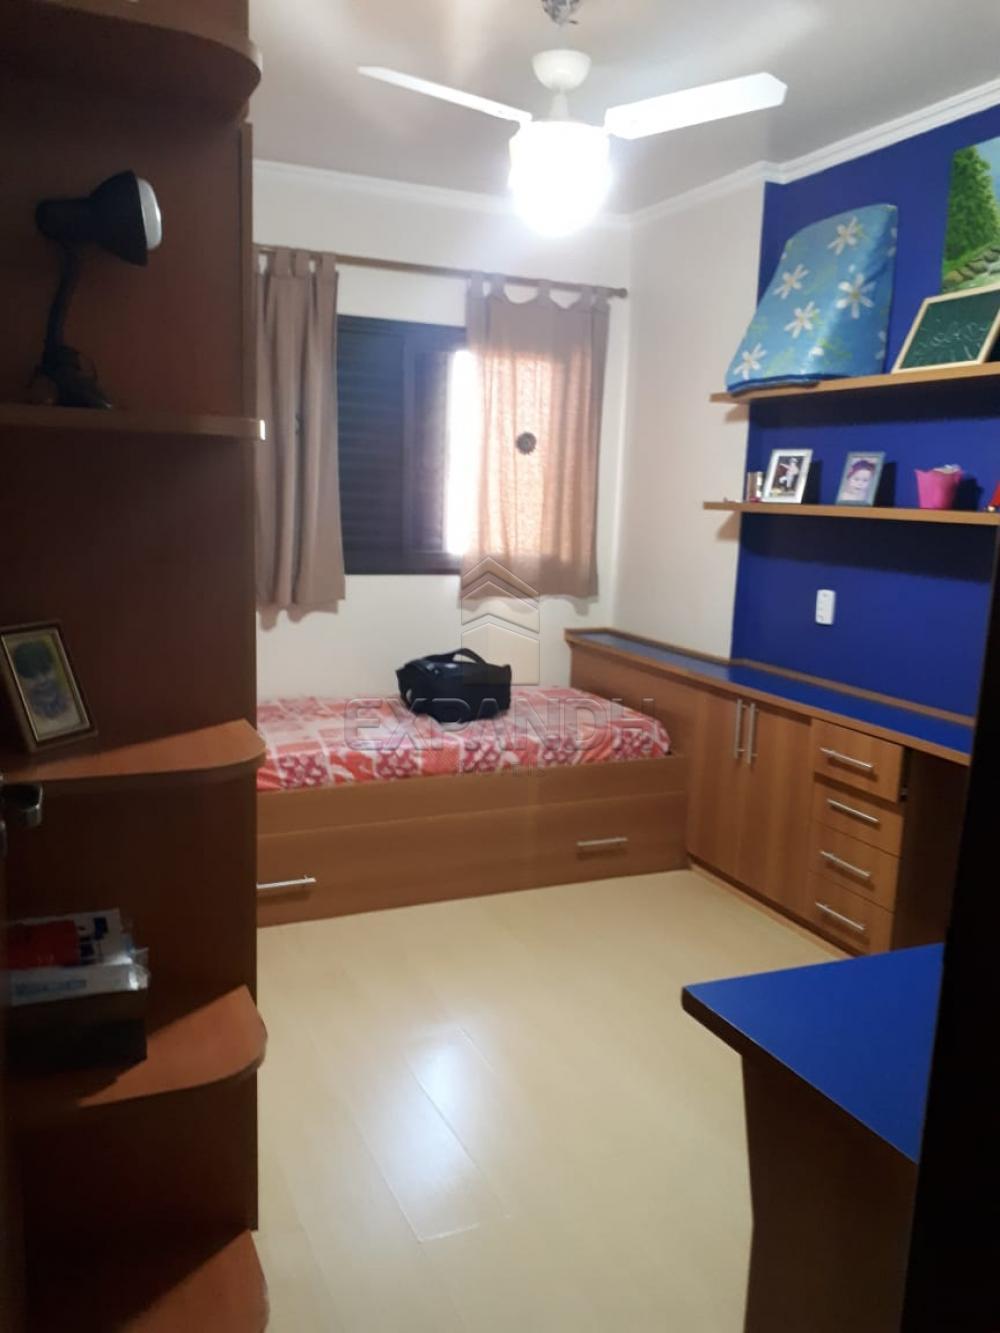 Comprar Apartamentos / Padrão em Sertãozinho R$ 380.000,00 - Foto 16